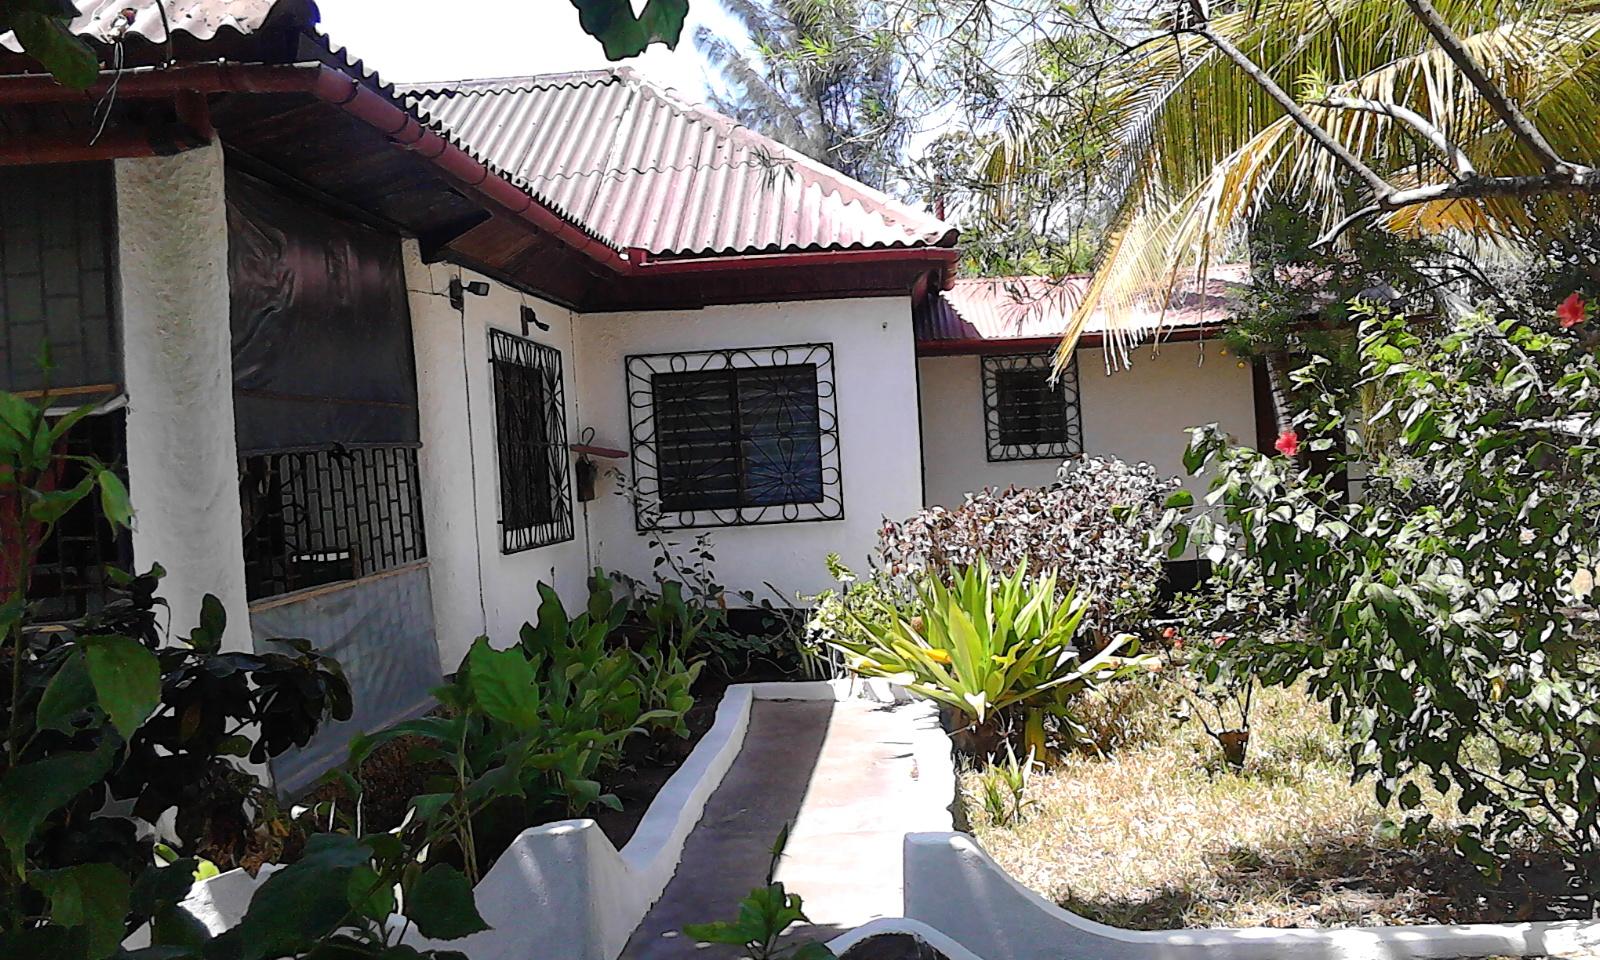 House for sale in watamu kenya beautiful side view of watamu houses or sale in